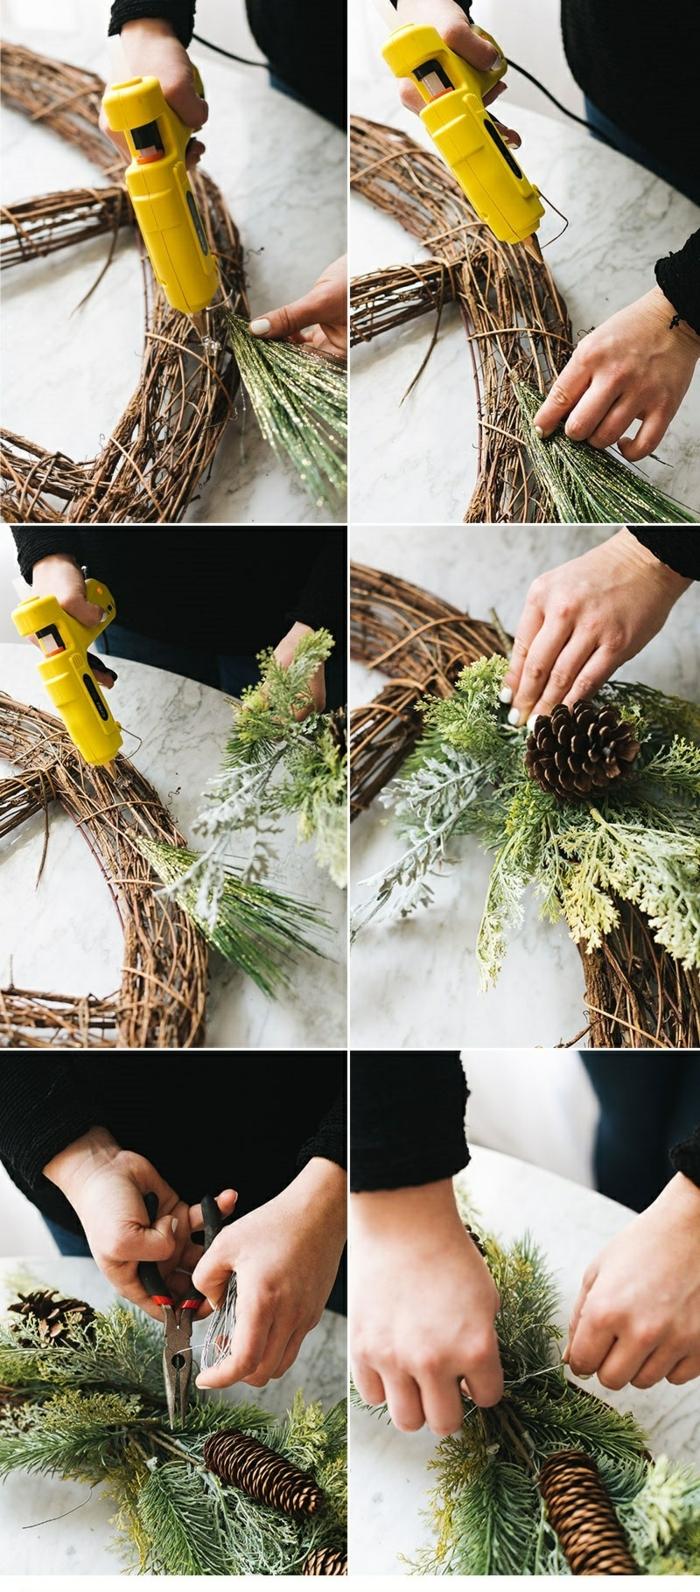 person macht weihnachtskranz aus zweigen diy anleitung schritt für schritt basteln mit tannenzweigen kreative bastelideen kranz weihnachten